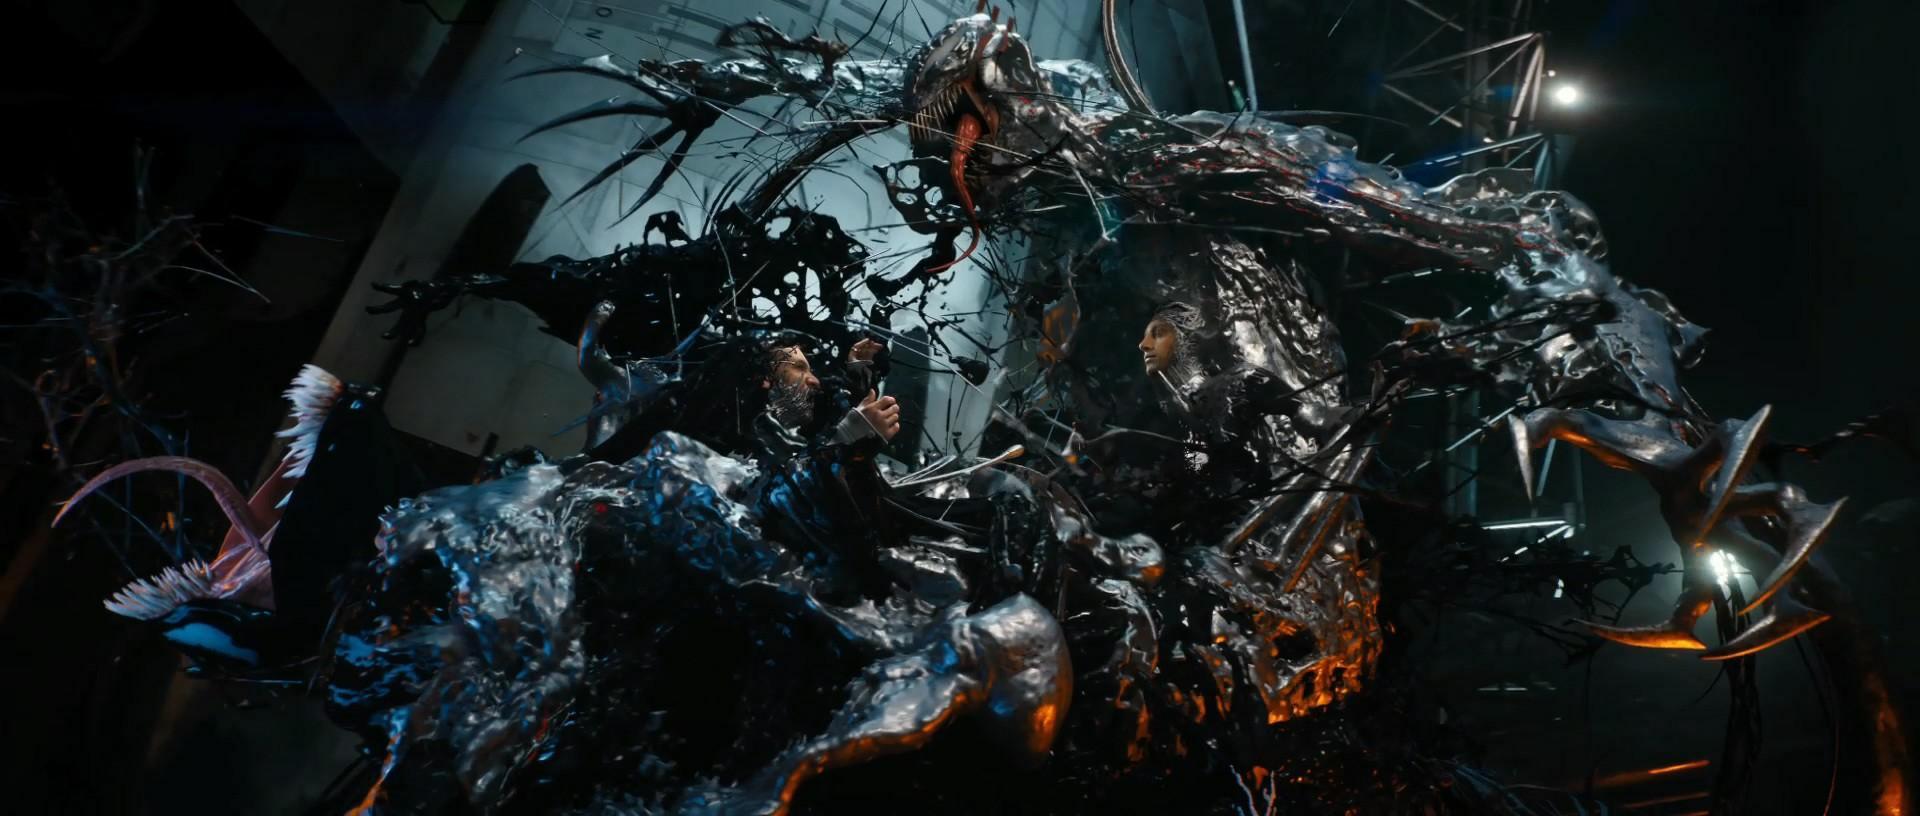 《毒液:致命守护者》电影完整版免费在线观看_西瓜影音_天狼影视